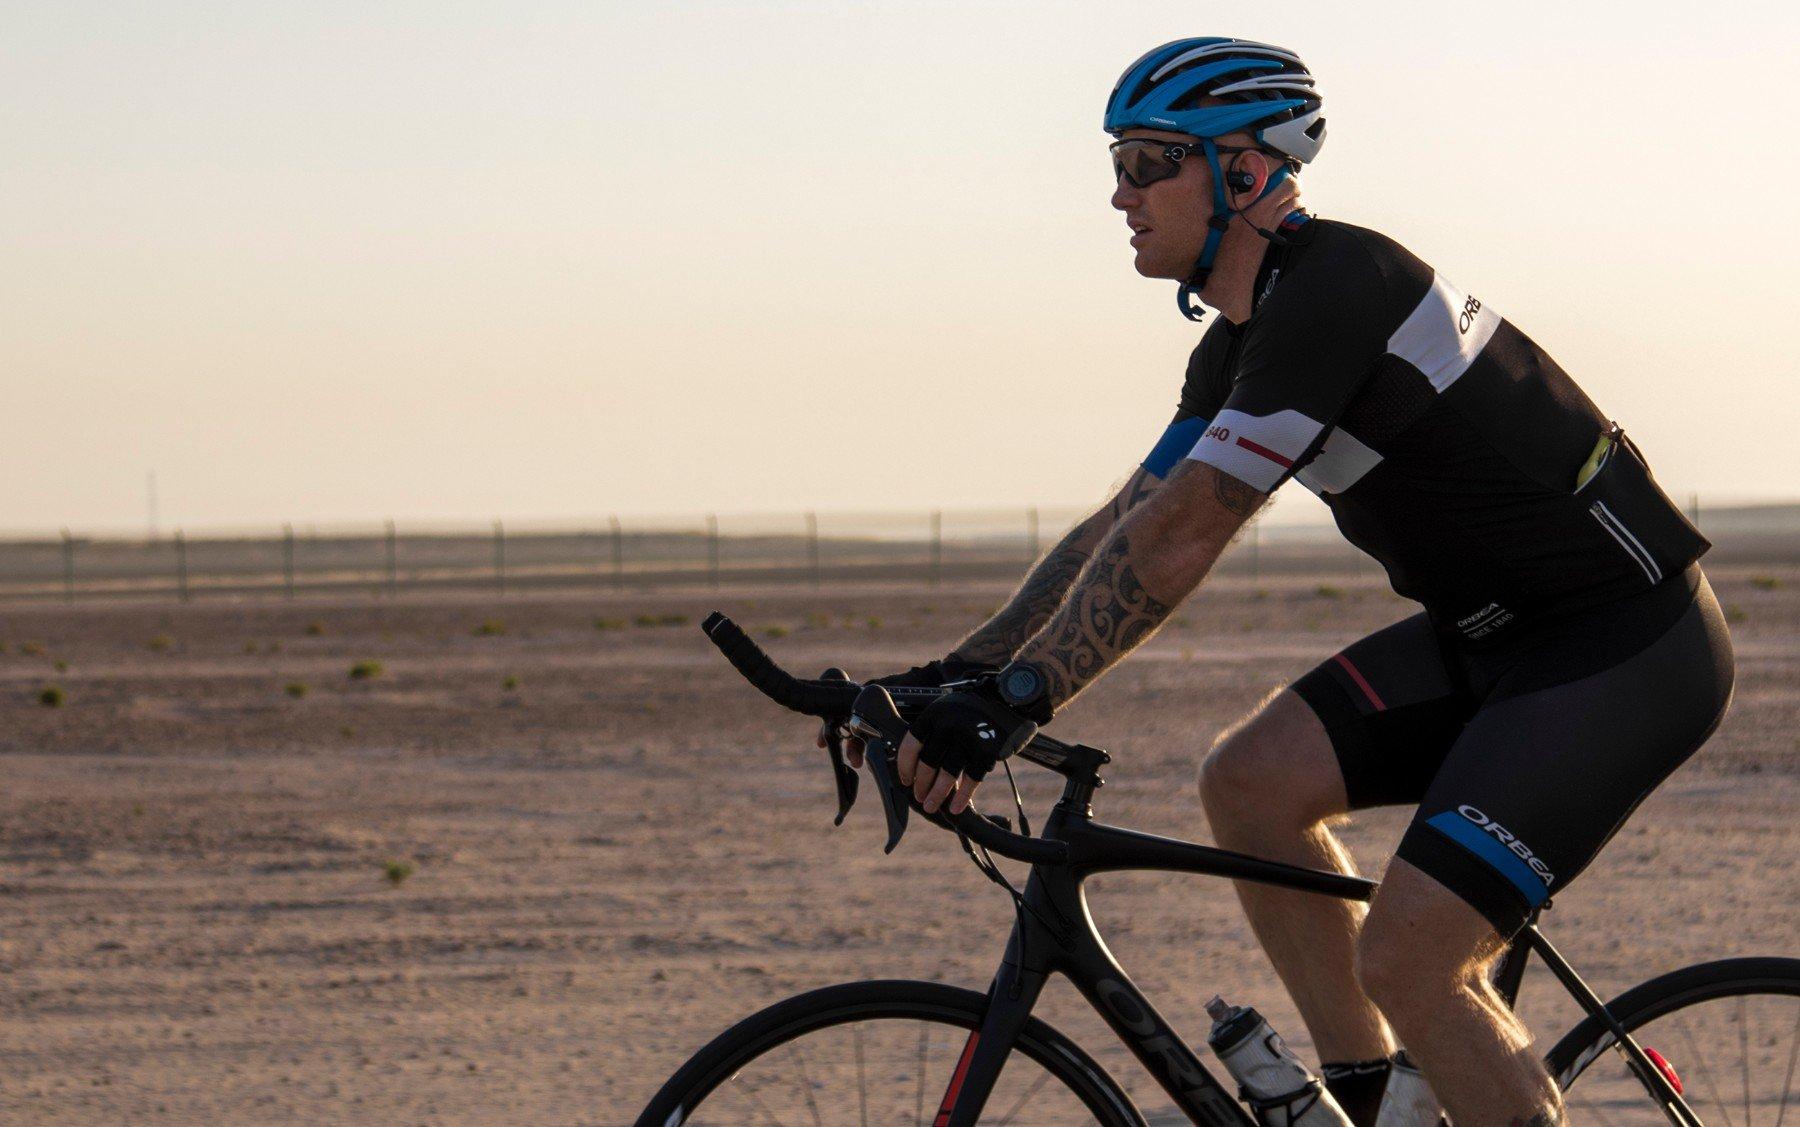 A suferit o accidentare care i-a schimbat viața – pe urmă a stabilit un record mondial | El este Dean Stott